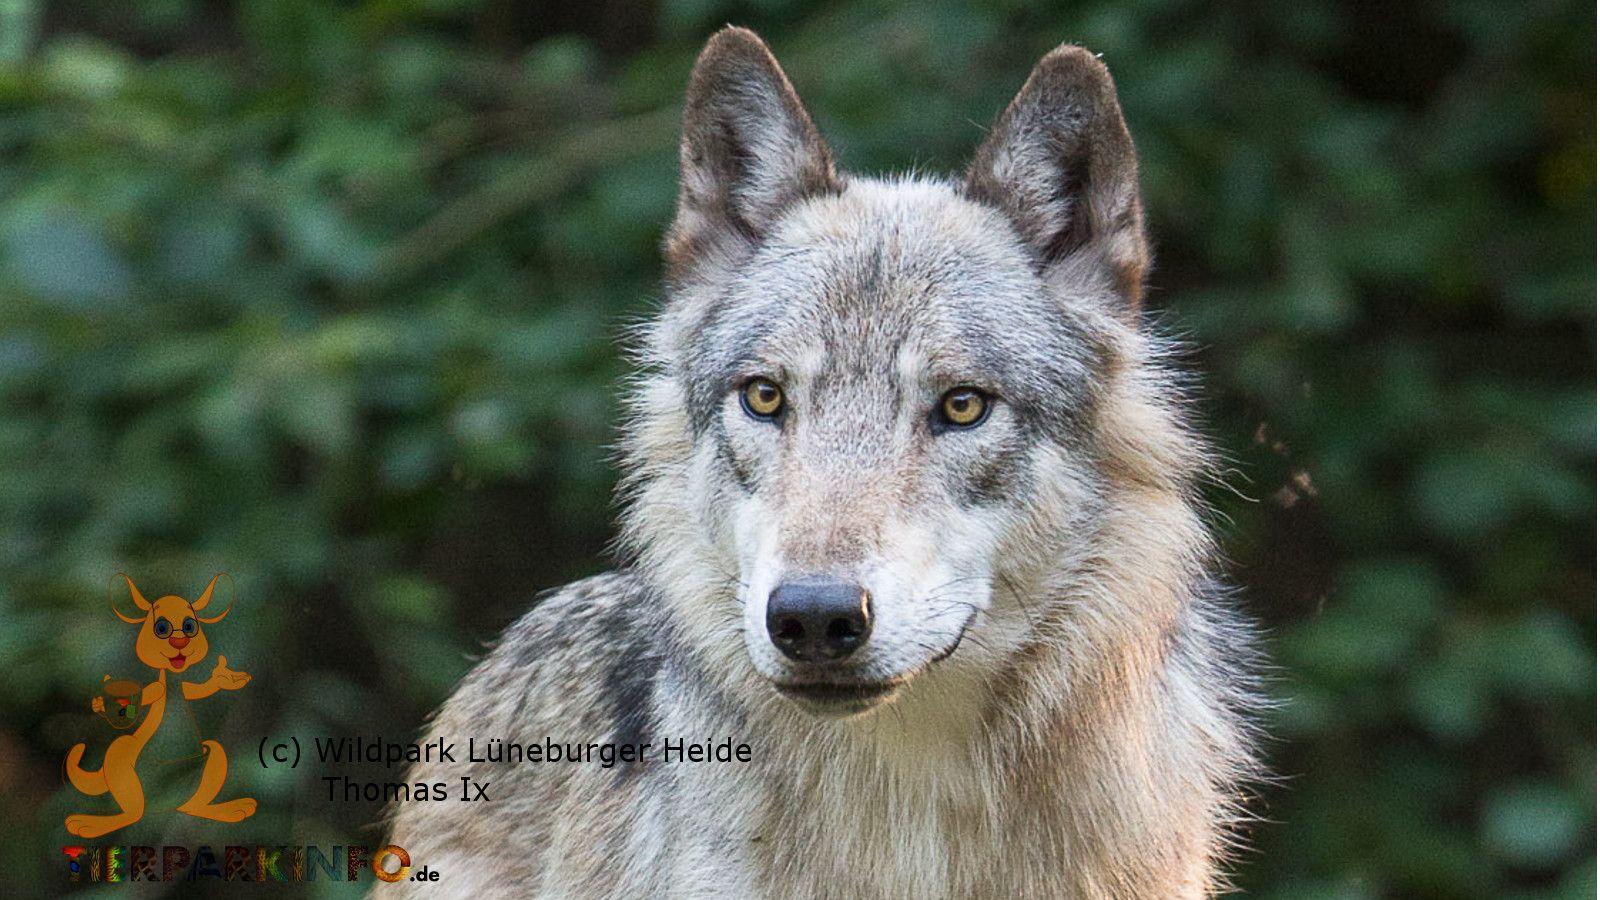 Veranstaltungstipp:  Ein Tag im Zeichen des Wolfs!  Im Wildpark Lüneburger Heide am 219.09.2015